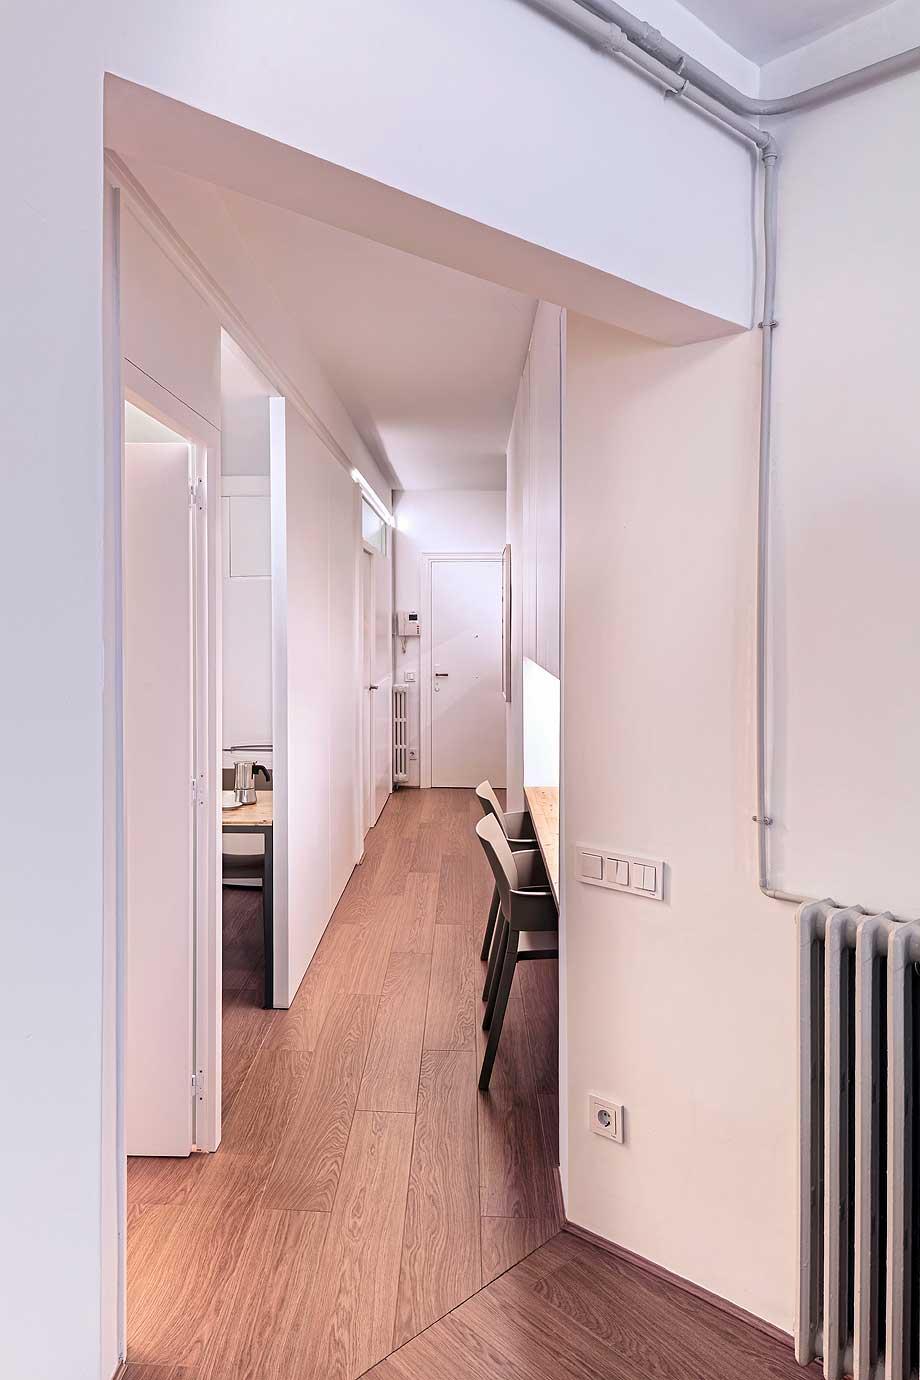 Presupuesto para reformar tu piso